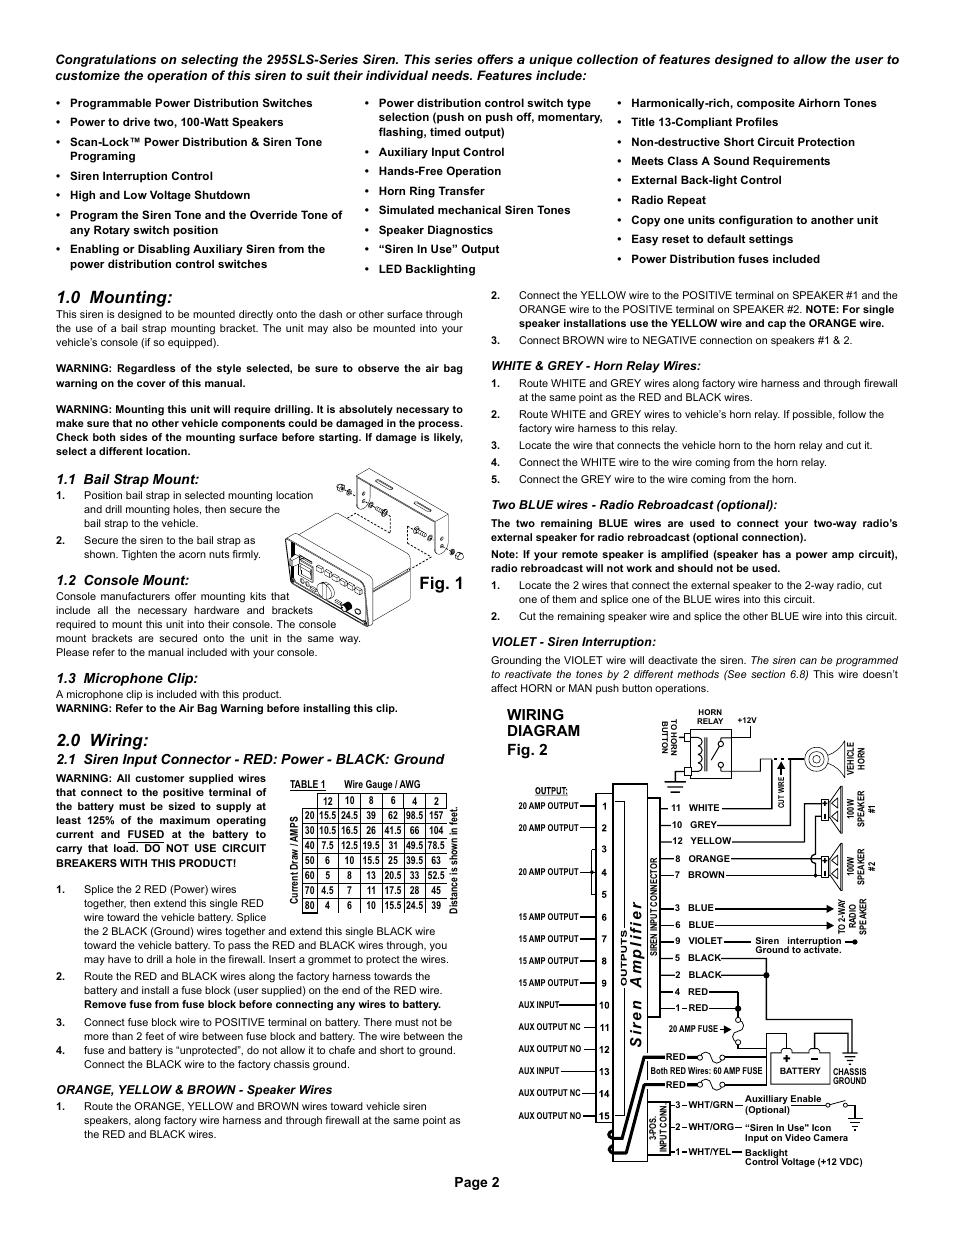 whelen-295hfsa1-wiring-diagram-9  Pin Flasher Relay Wiring Diagram Manual on 3-pin relay diagram, 3-pin flasher fast, 3-pin plug wiring diagram,